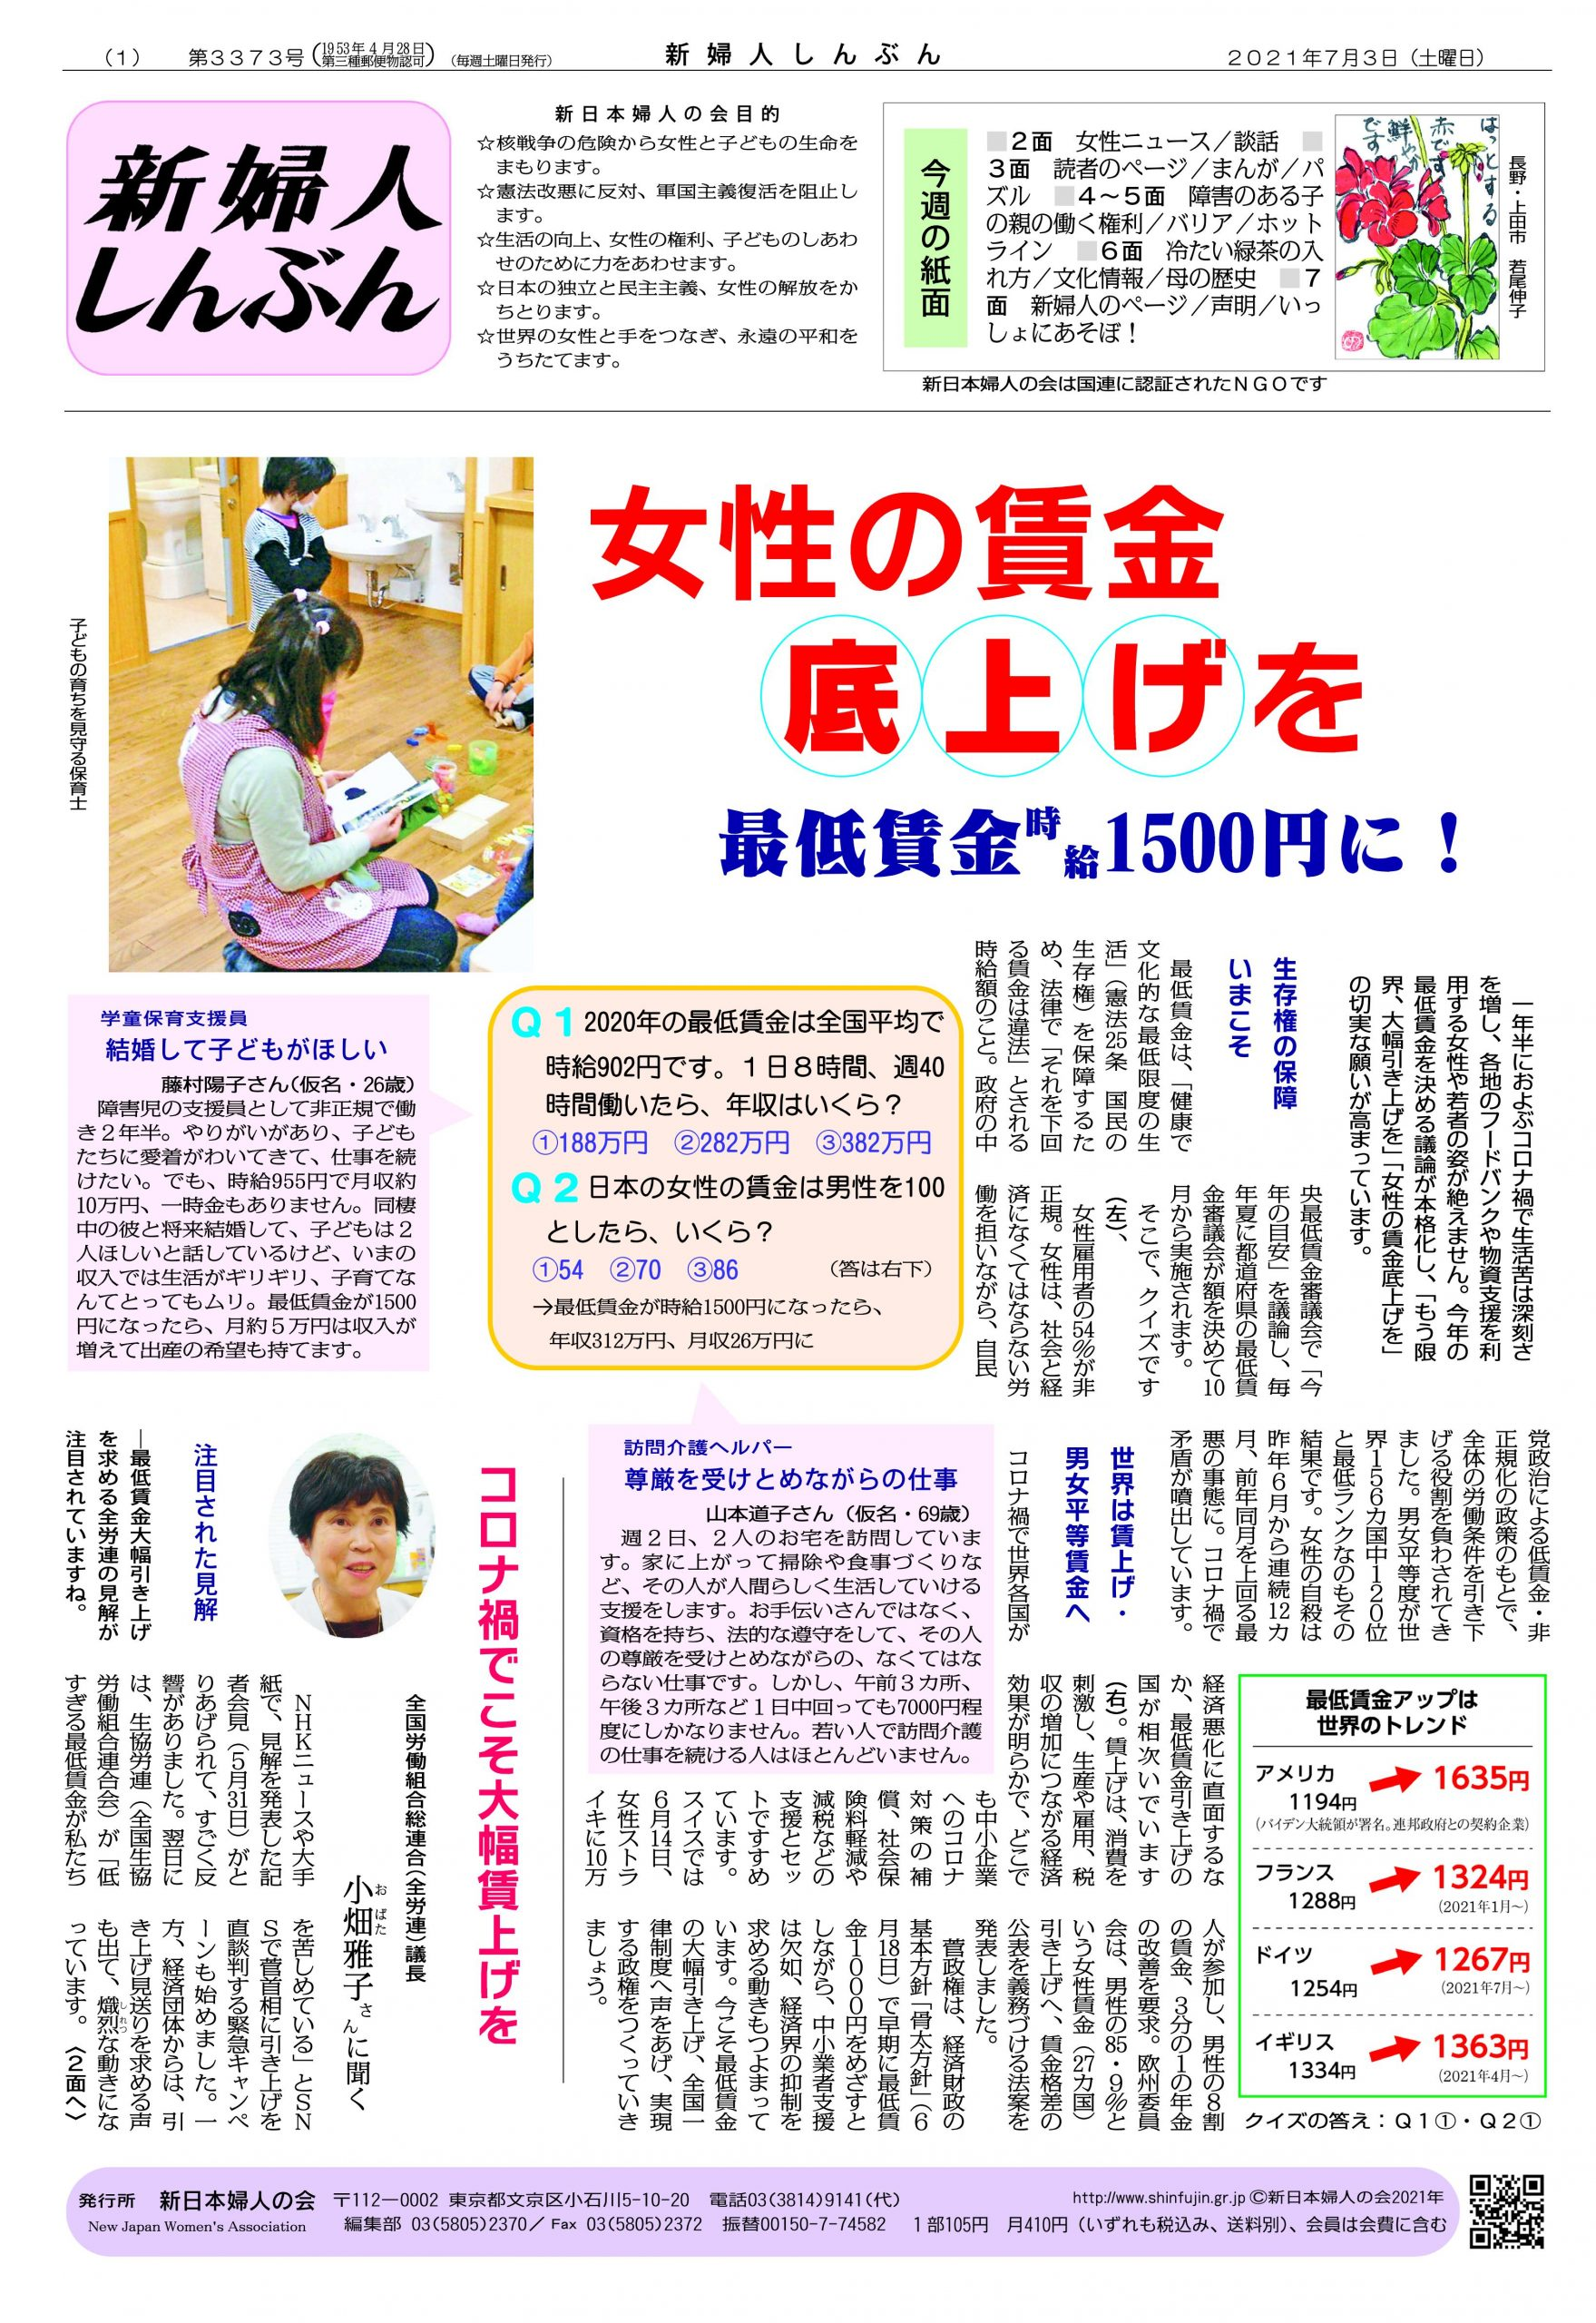 女性の賃金底上げを 最低賃金時給1500円に!